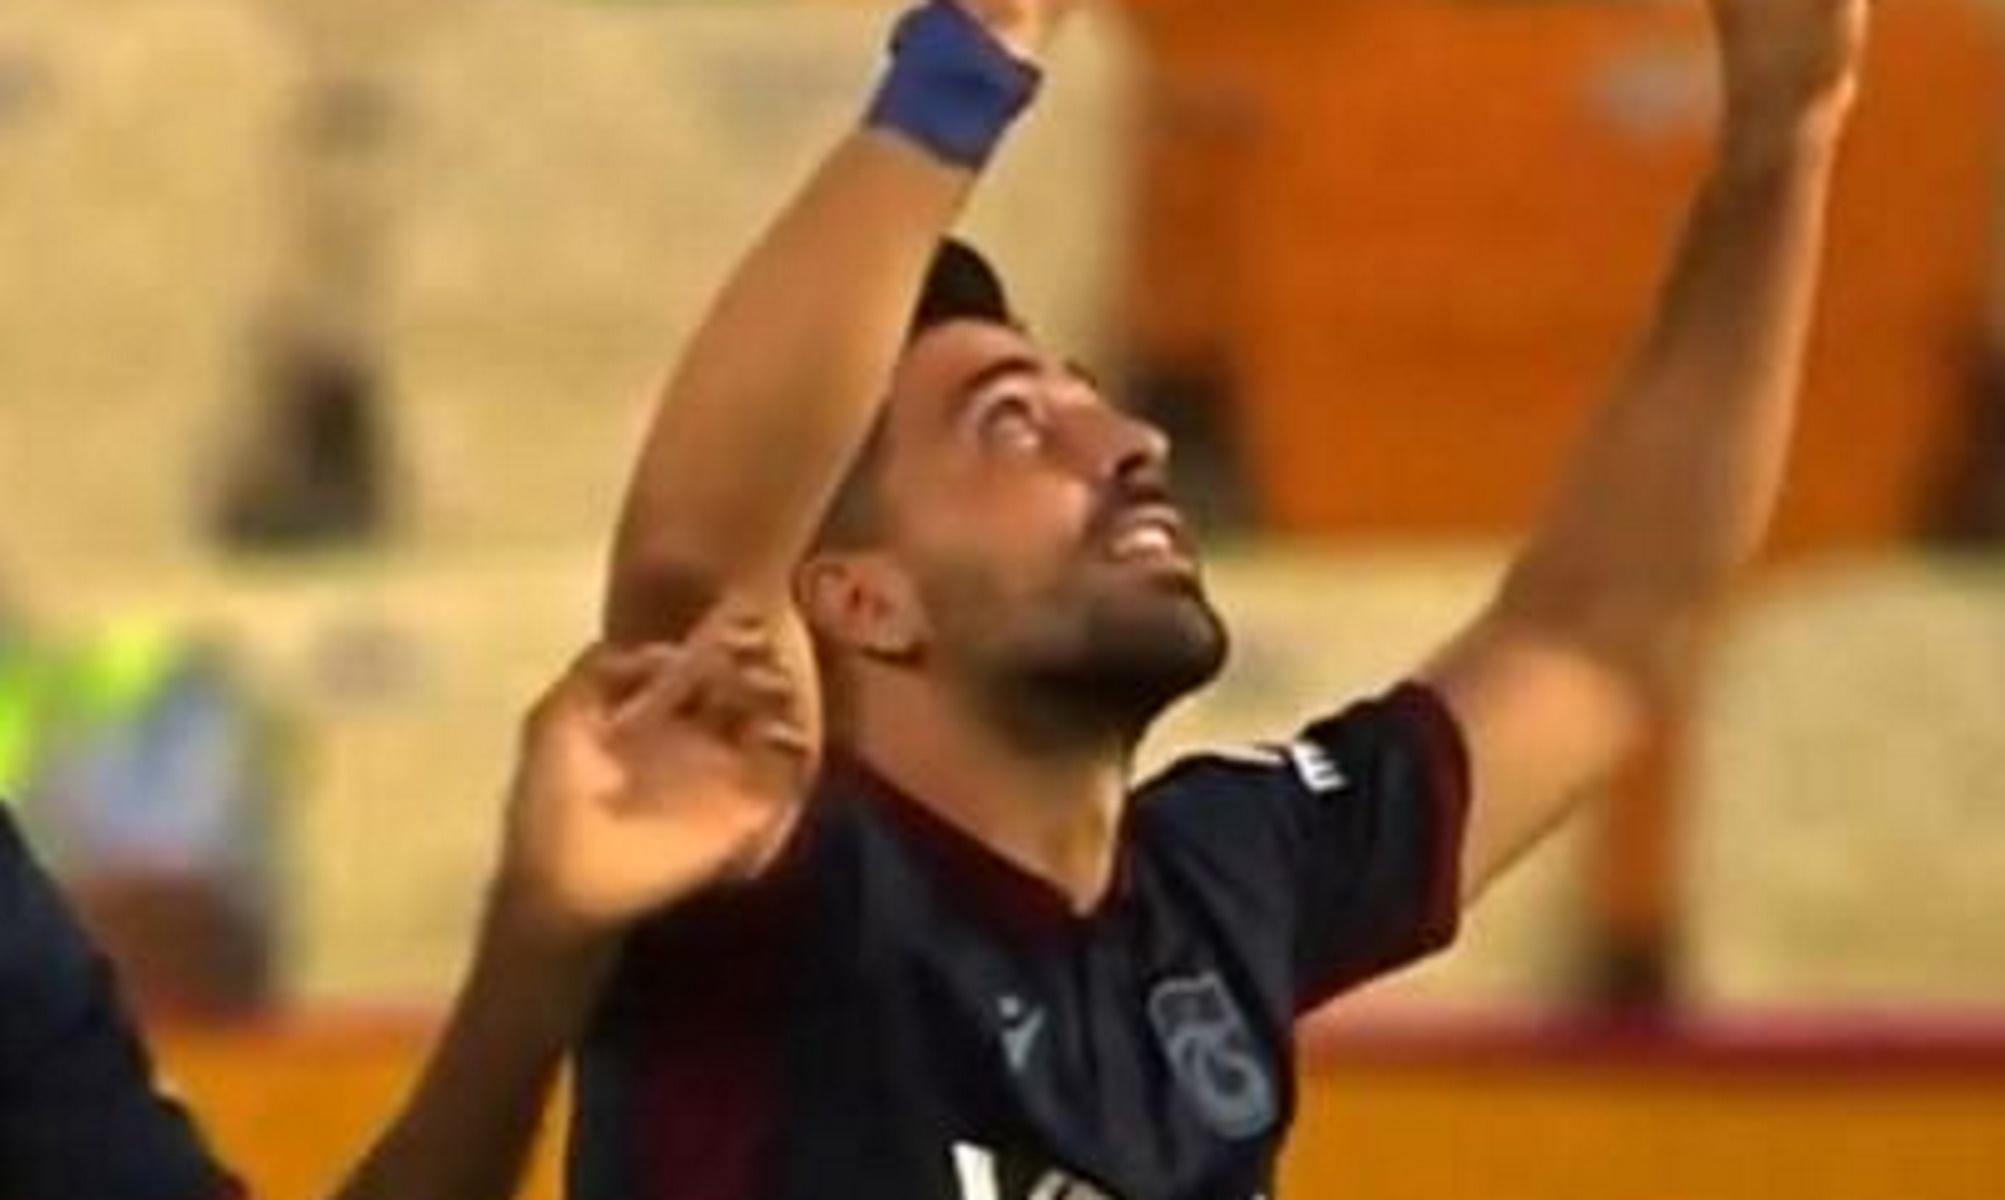 Ο Μπακασέτας πέτυχε το πρώτο γκολ της Τραμπζονσπόρ στο φετινό πρωτάθλημα Τουρκίας